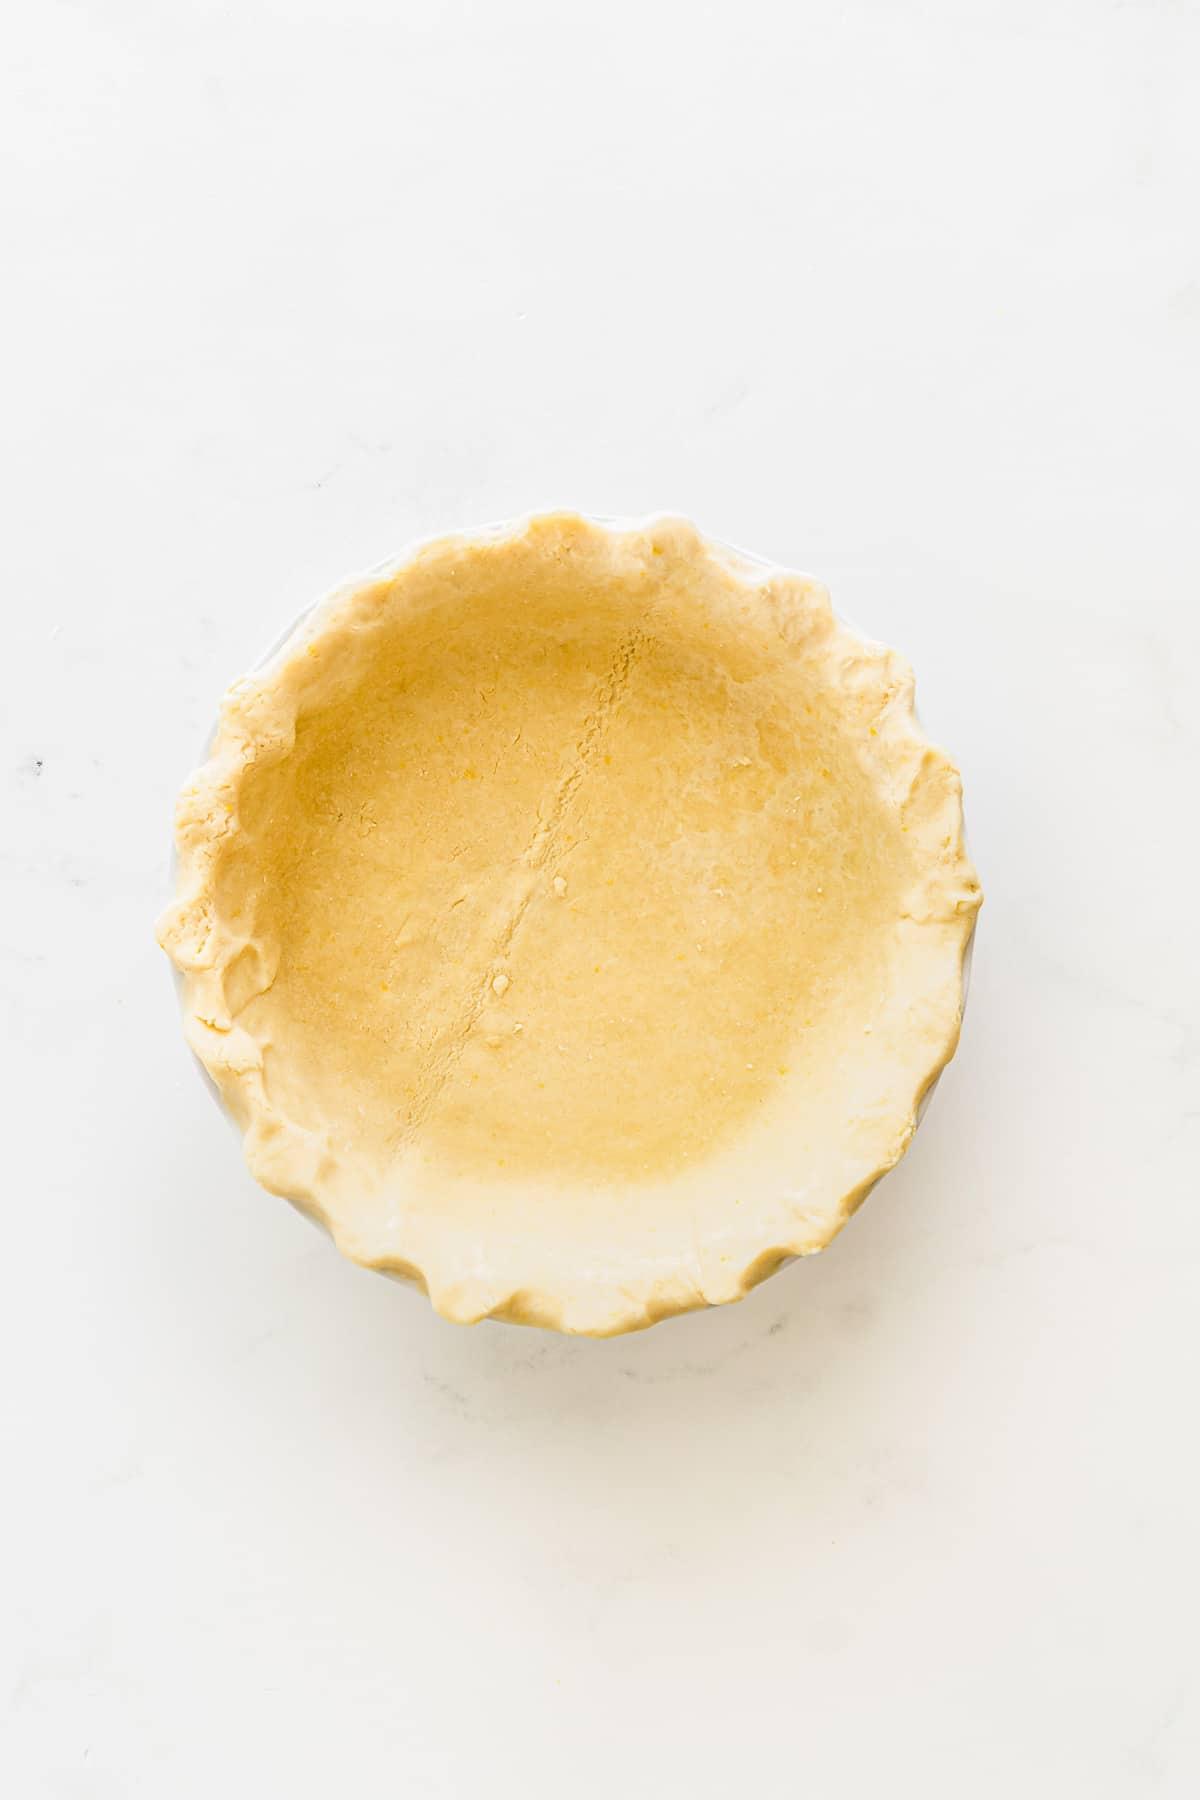 homemade pie crust in a pie dish